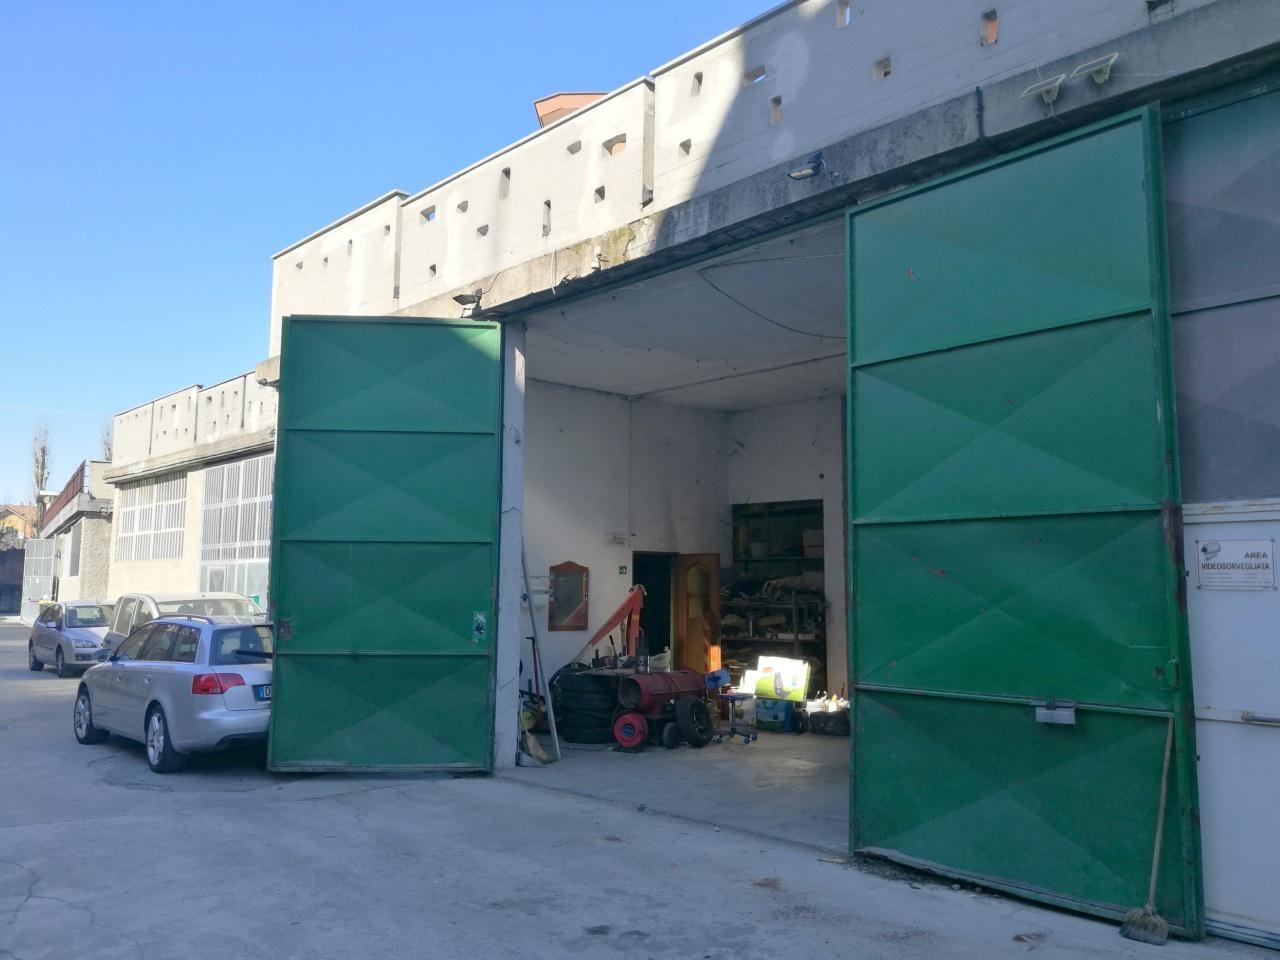 Magazzino in vendita a Chivasso, 3 locali, prezzo € 60.000   PortaleAgenzieImmobiliari.it